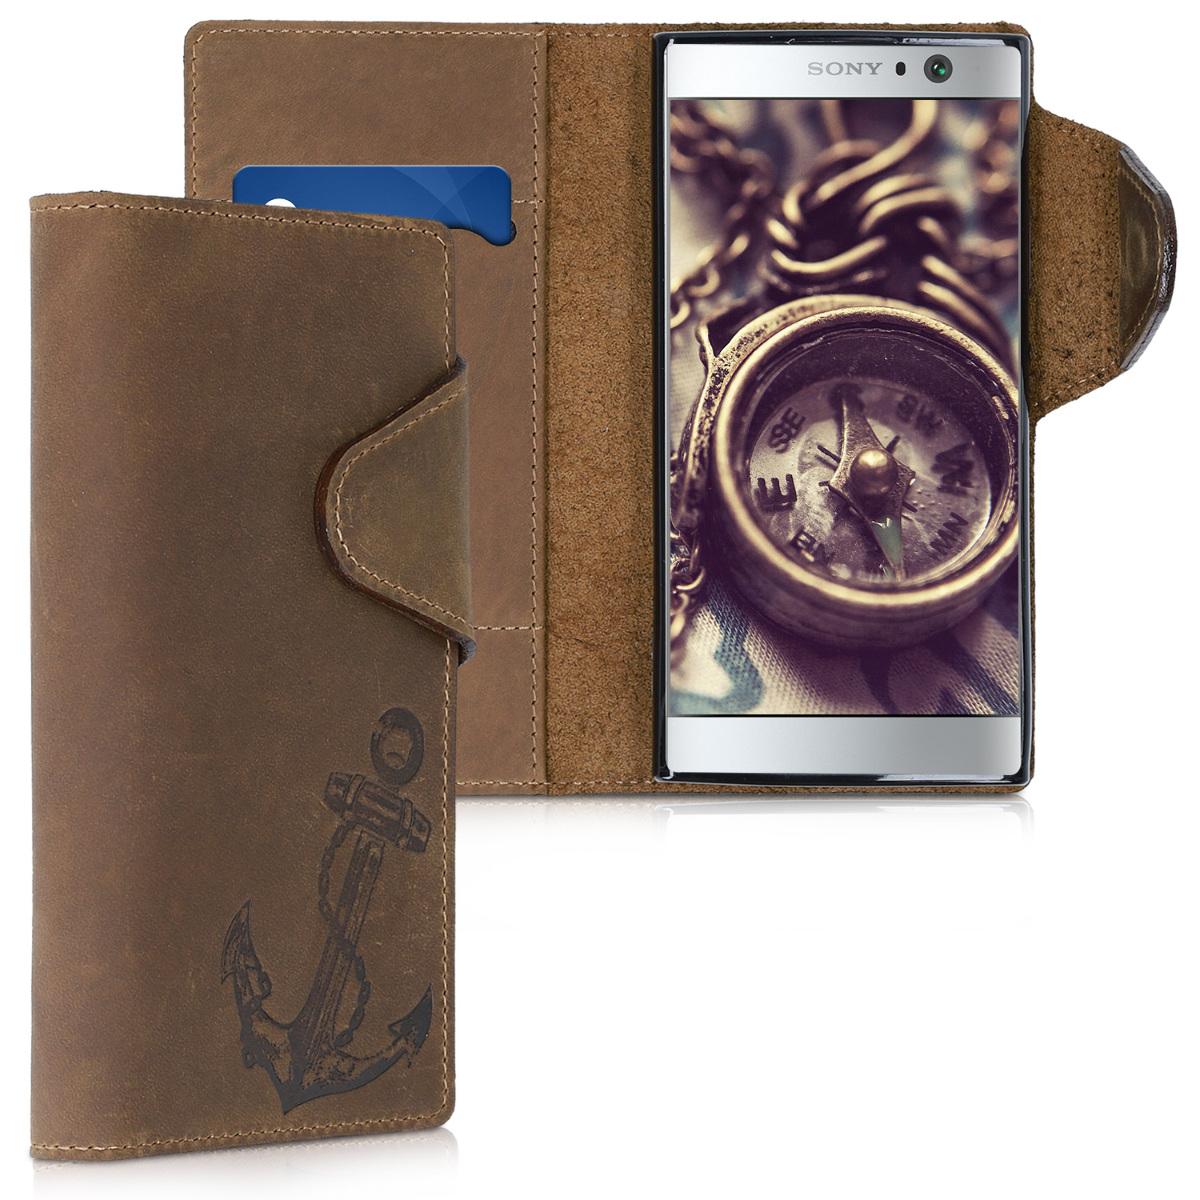 Kalibri Δερμάτινη Suede Θήκη - Πορτοφόλι Sony Xperia XA2 - Καφέ/ Άγκυρα (45837.03)